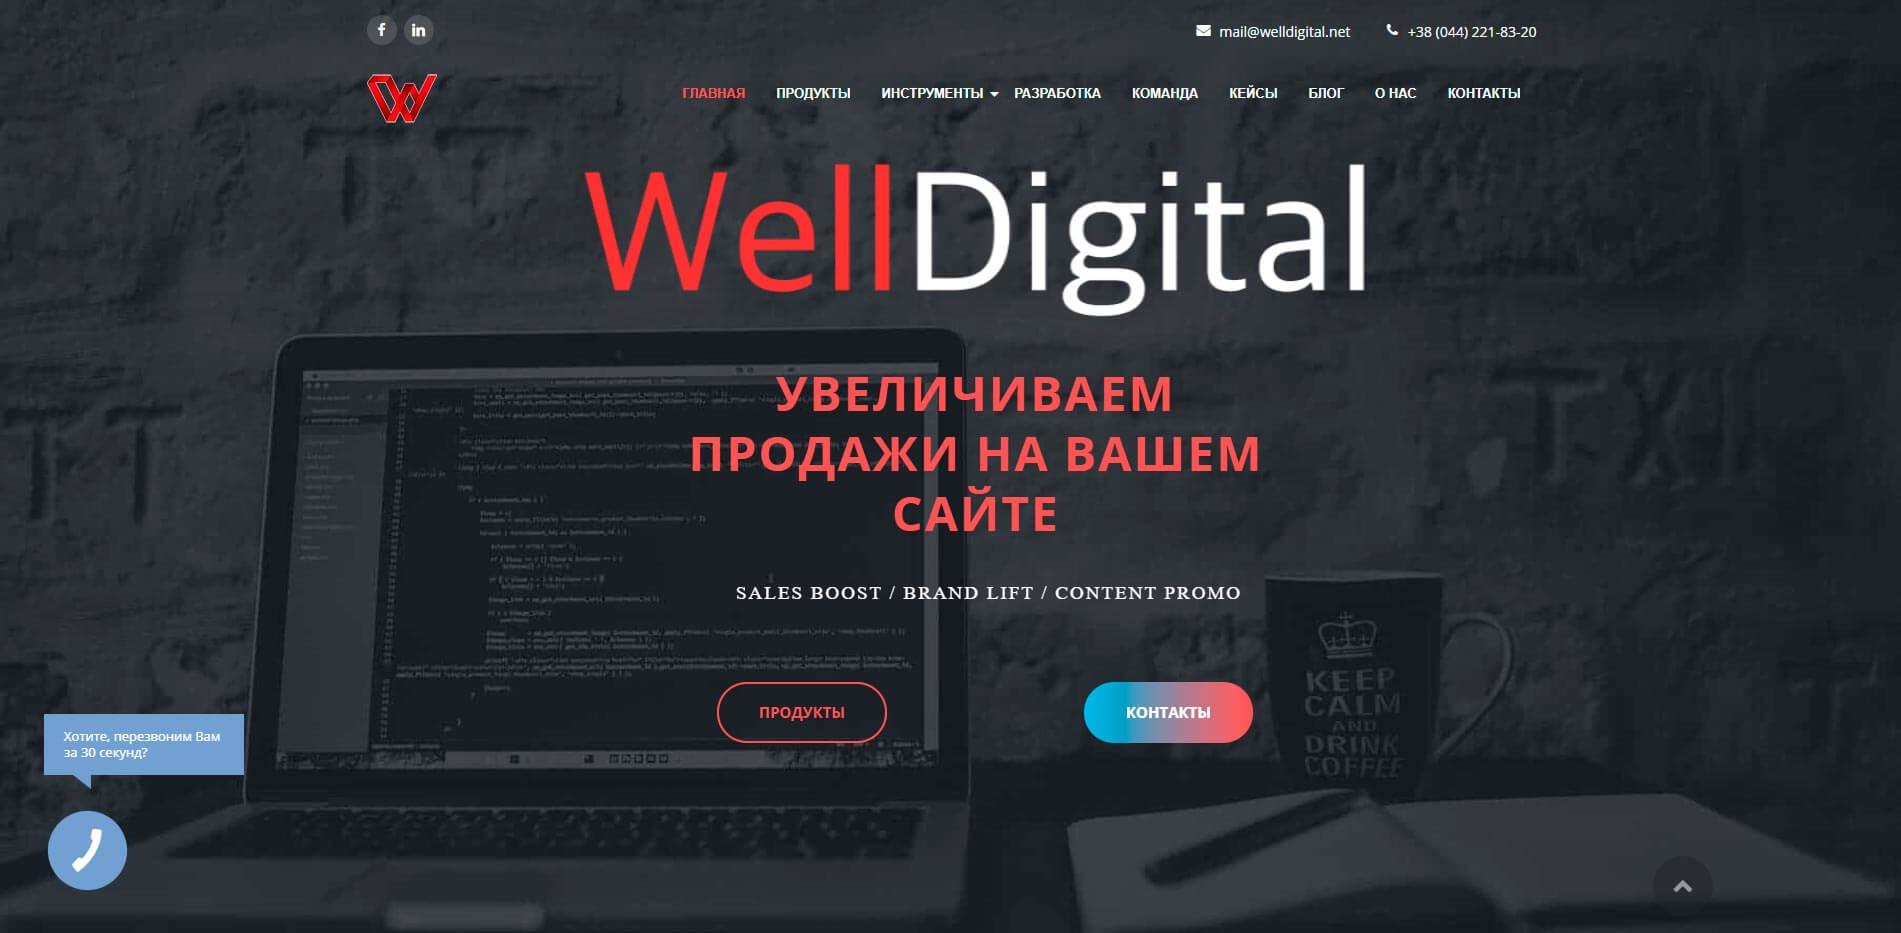 WellDigital - обзор компании, услуги, отзывы, клиенты   Google SEO, Фото № 1 - google-seo.pro